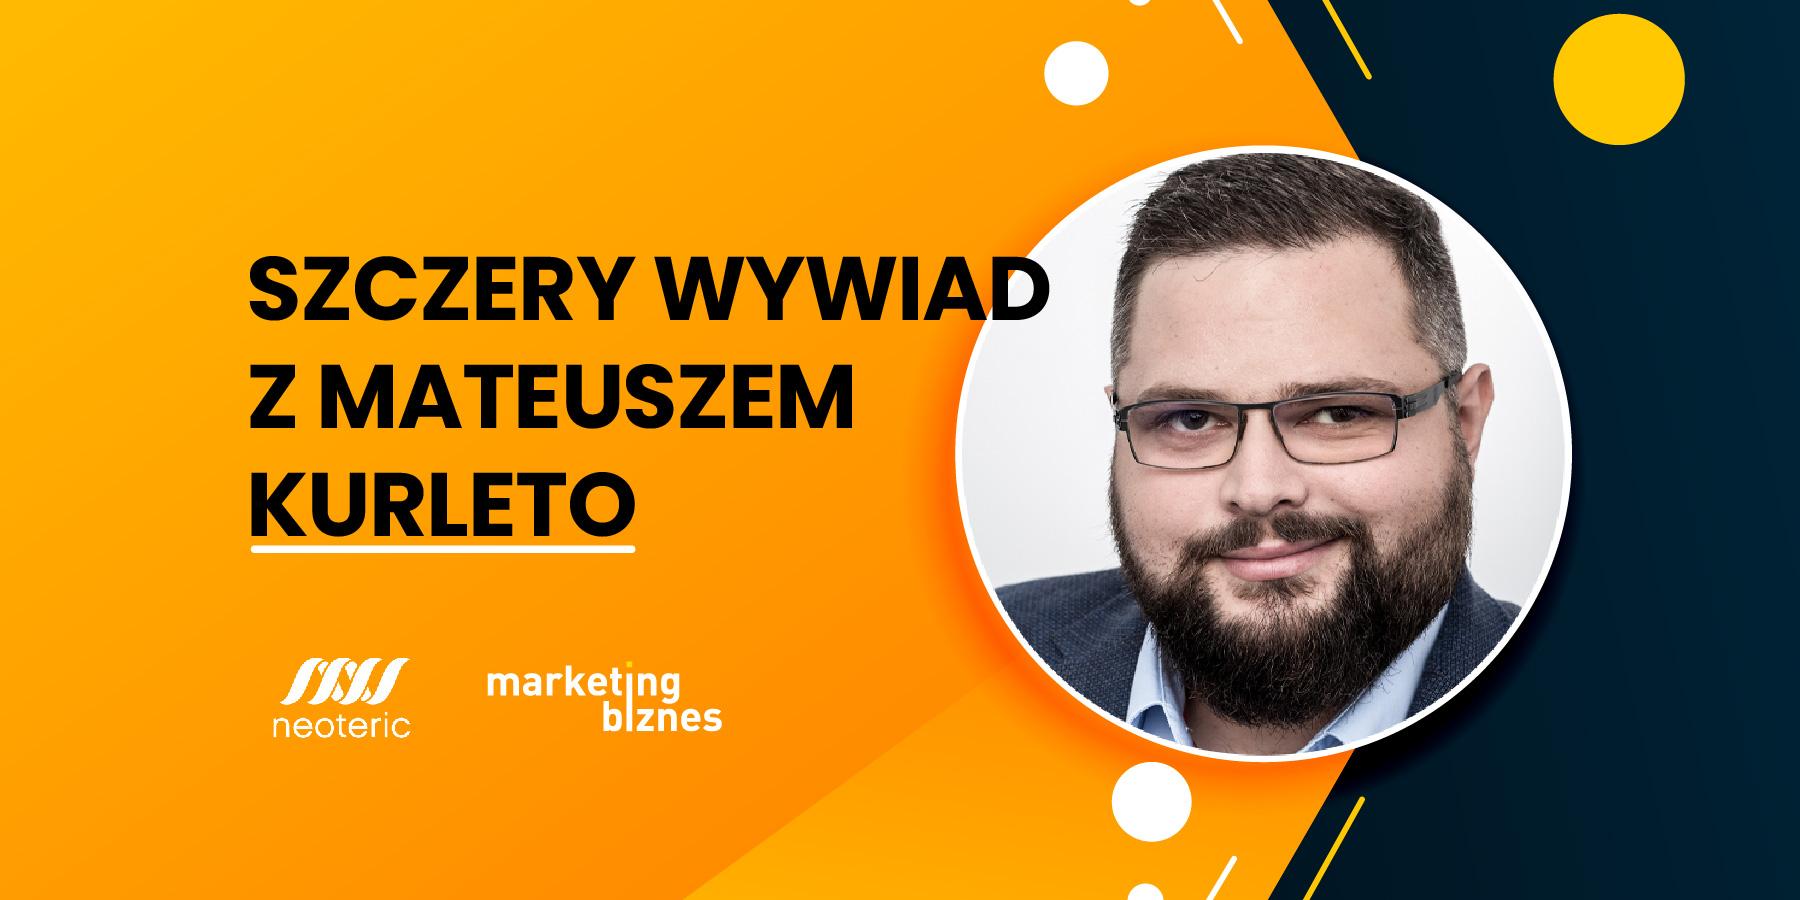 Mateusz Kurleto: Wytworzyliśmy sobie wNeoteric silną markę lokalnie ipracownicy sami donas przychodzą